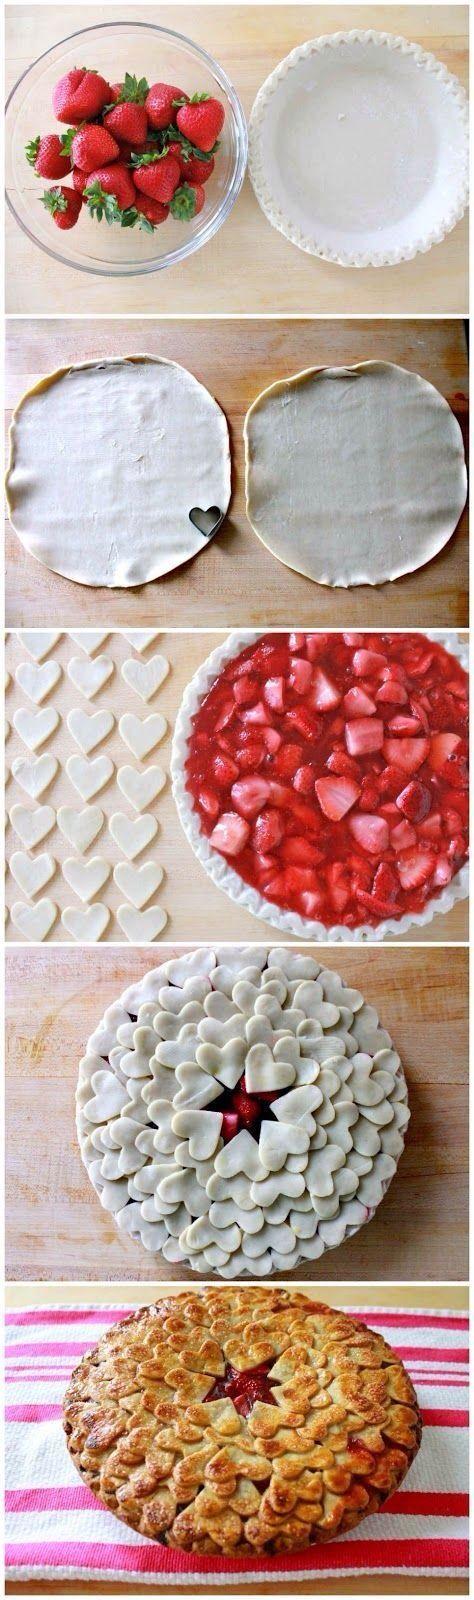 Valentine's Strawberry Pie